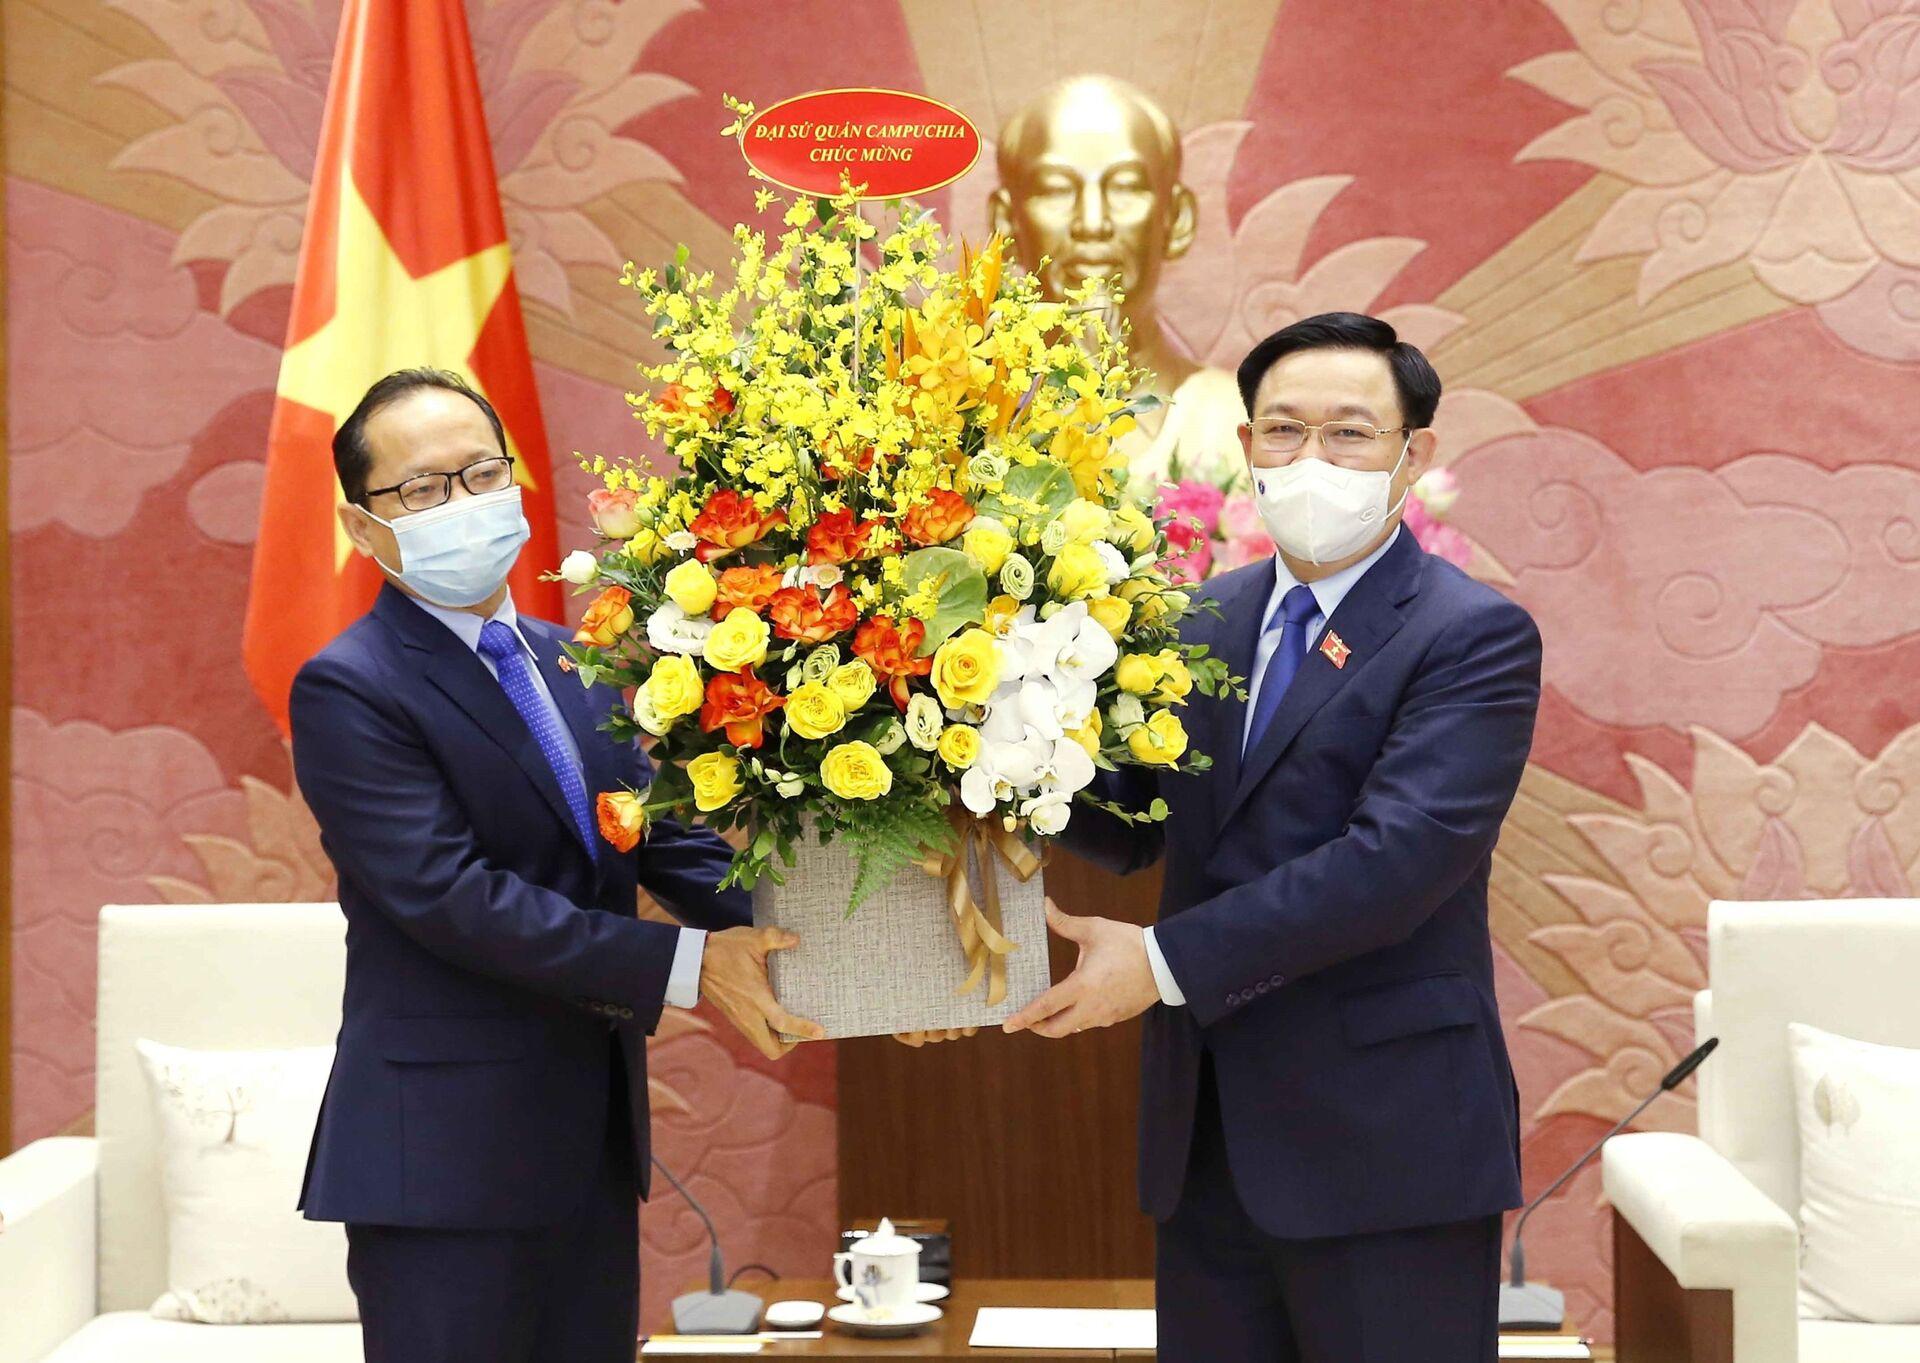 Anh em và đối tác: Trung Quốc, Nhật, Lào, Campuchia đều nói 'rất coi trọng Việt Nam' - Sputnik Việt Nam, 1920, 14.05.2021